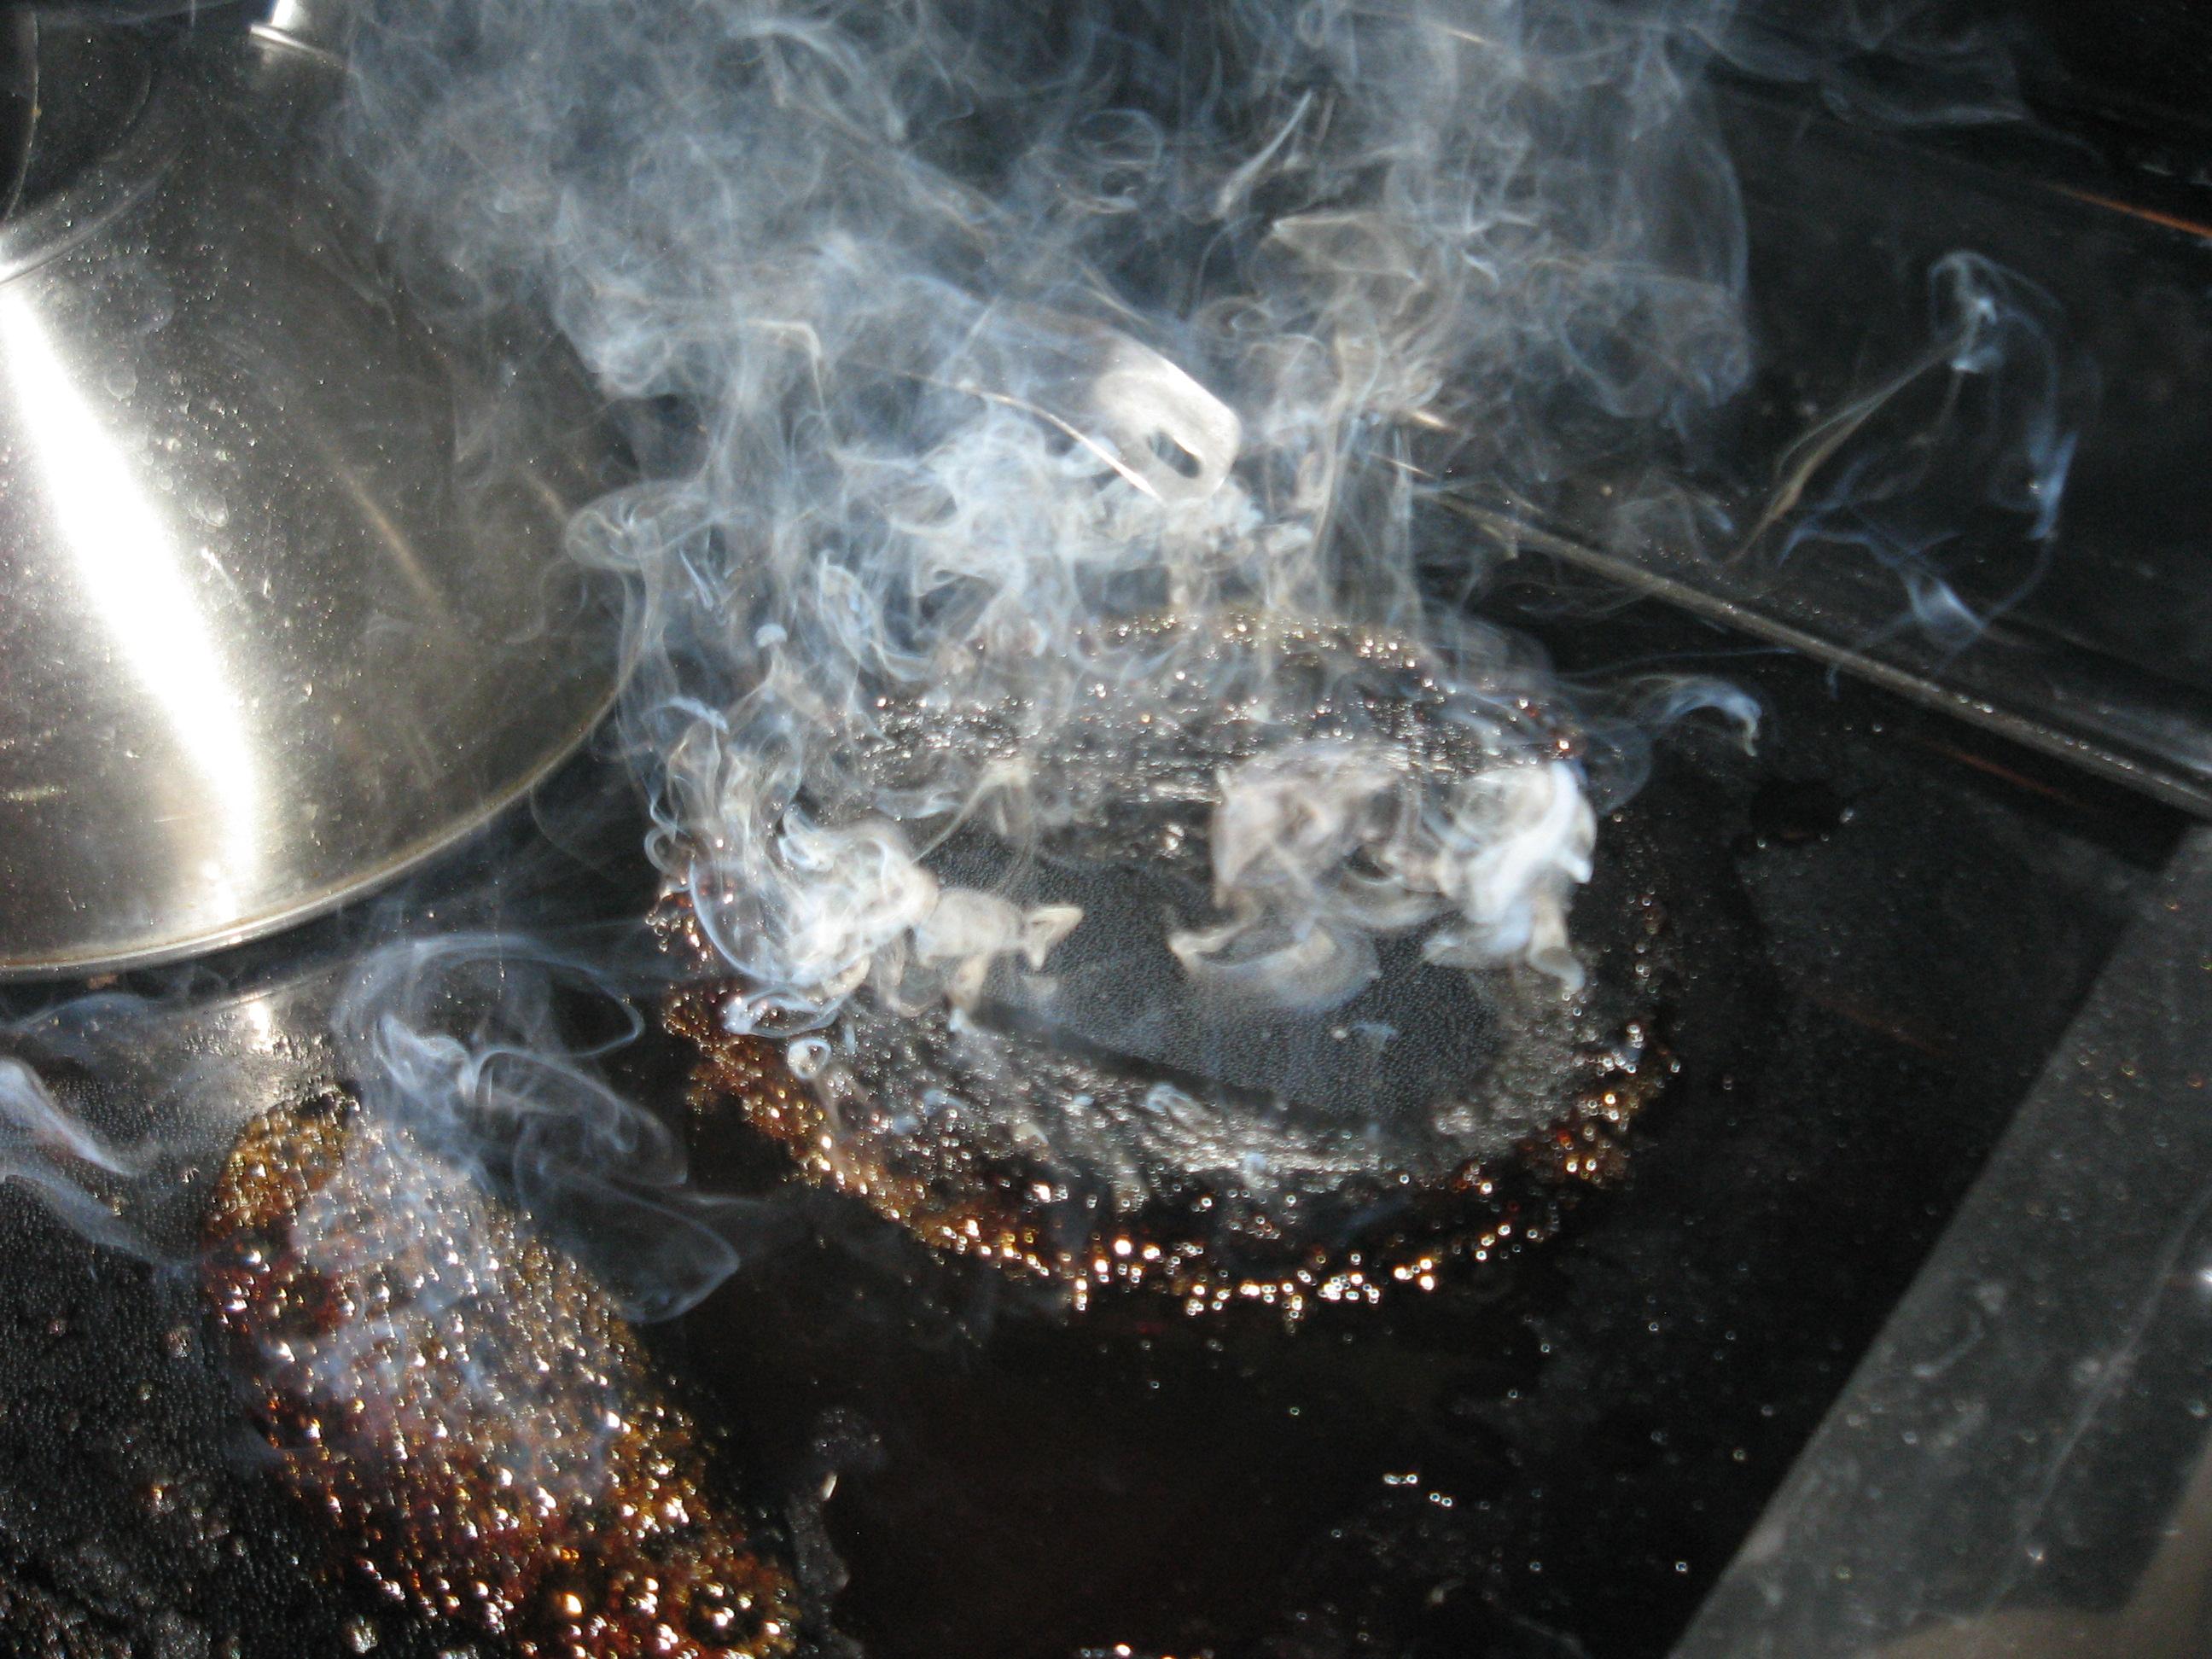 burning stove